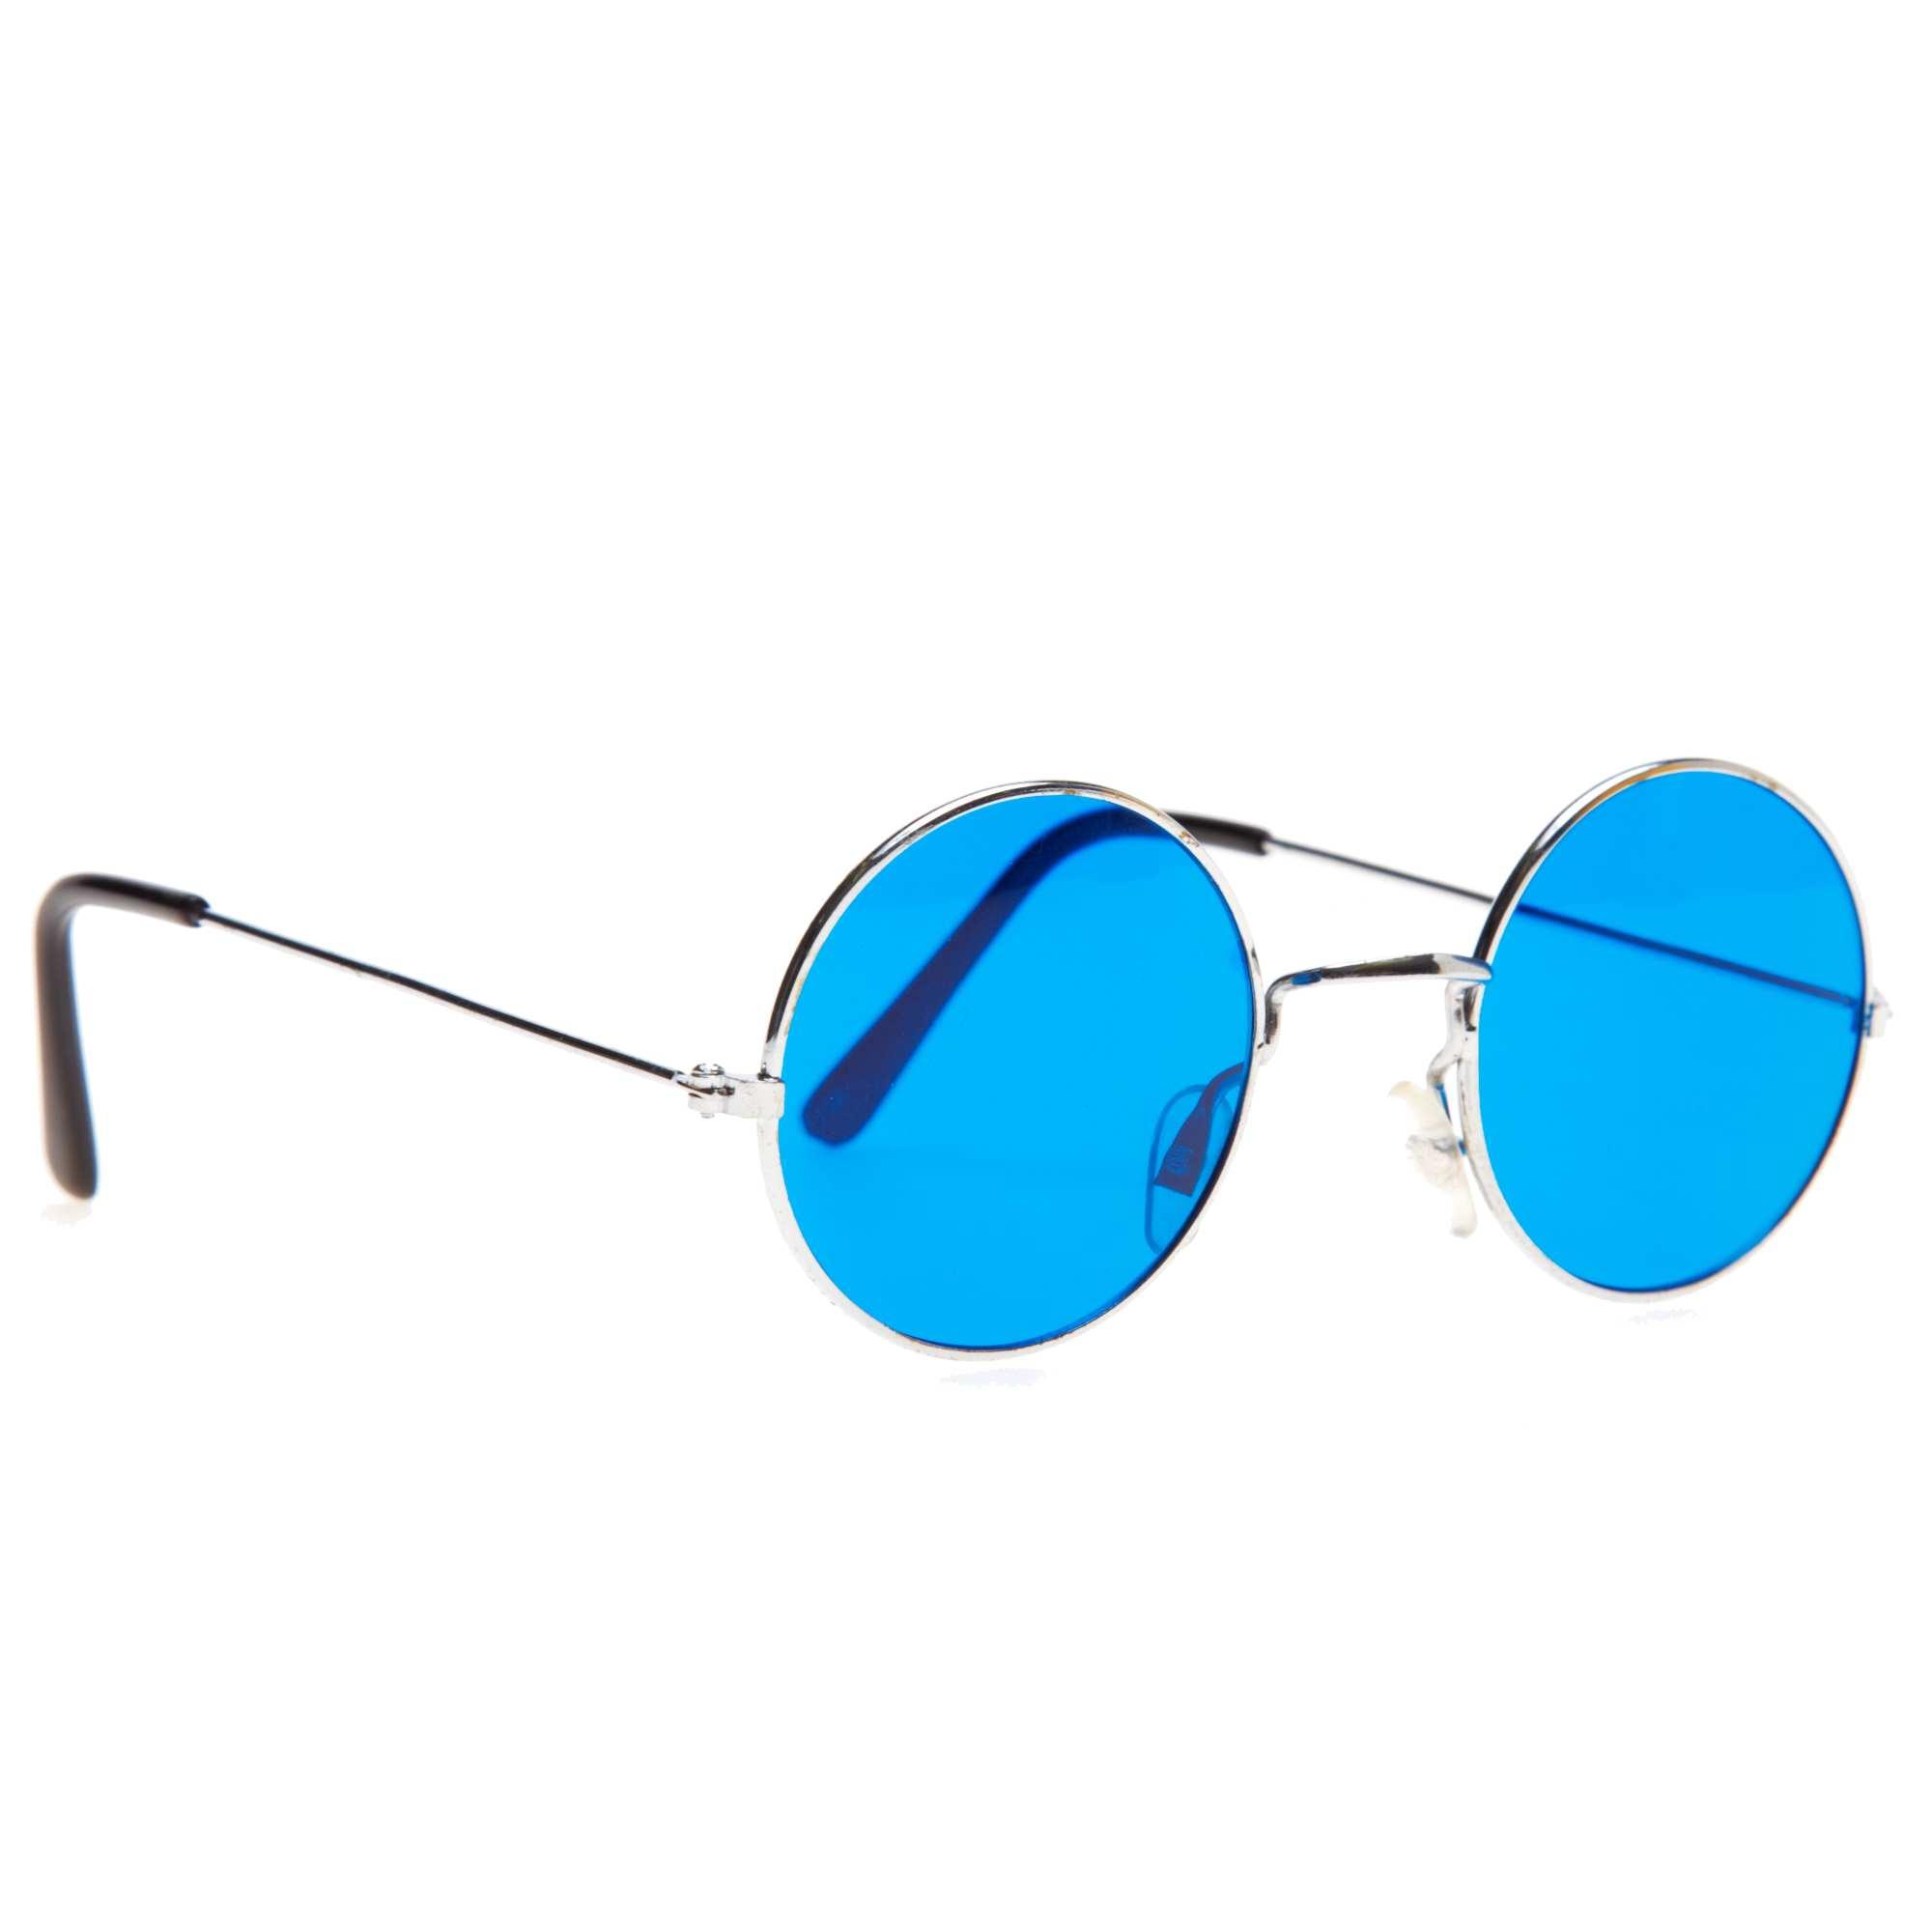 fe1f57a8ce2f2 Lunettes rondes hippie Accessoires - bleu - Kiabi - 2